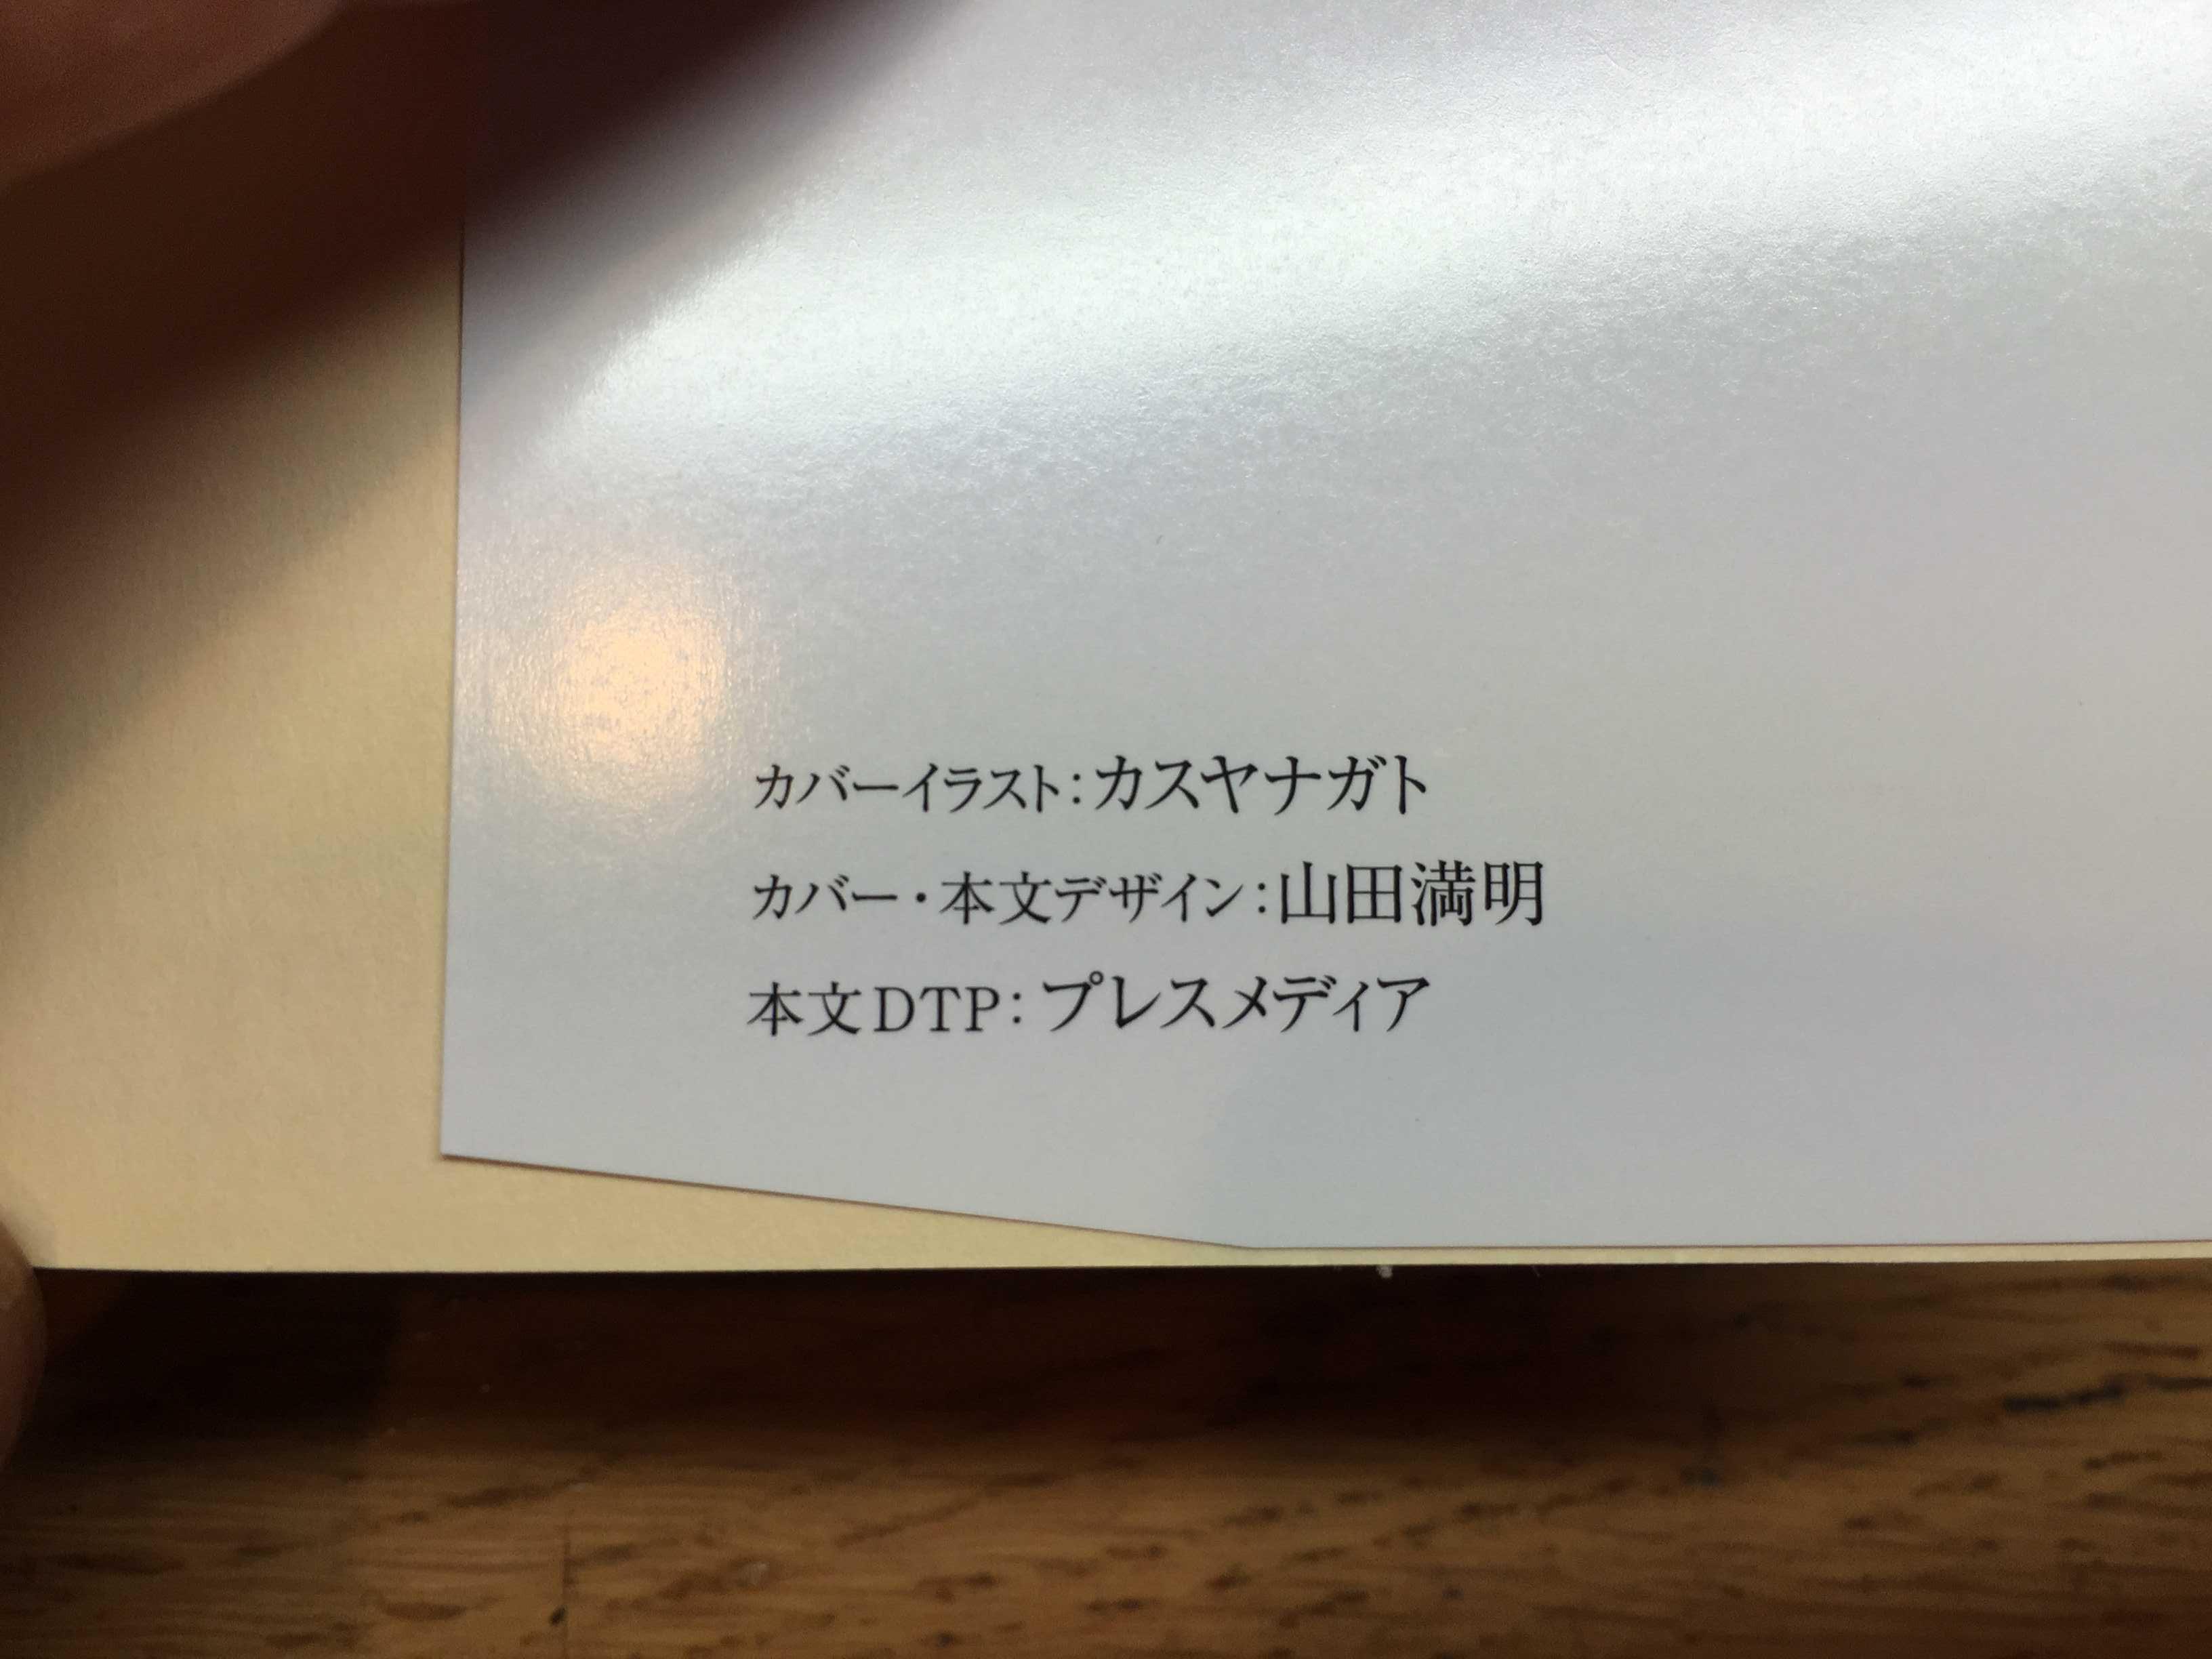 カスヤナガトさんと山田満明さんのカバー - 文庫本「ぼく明日」